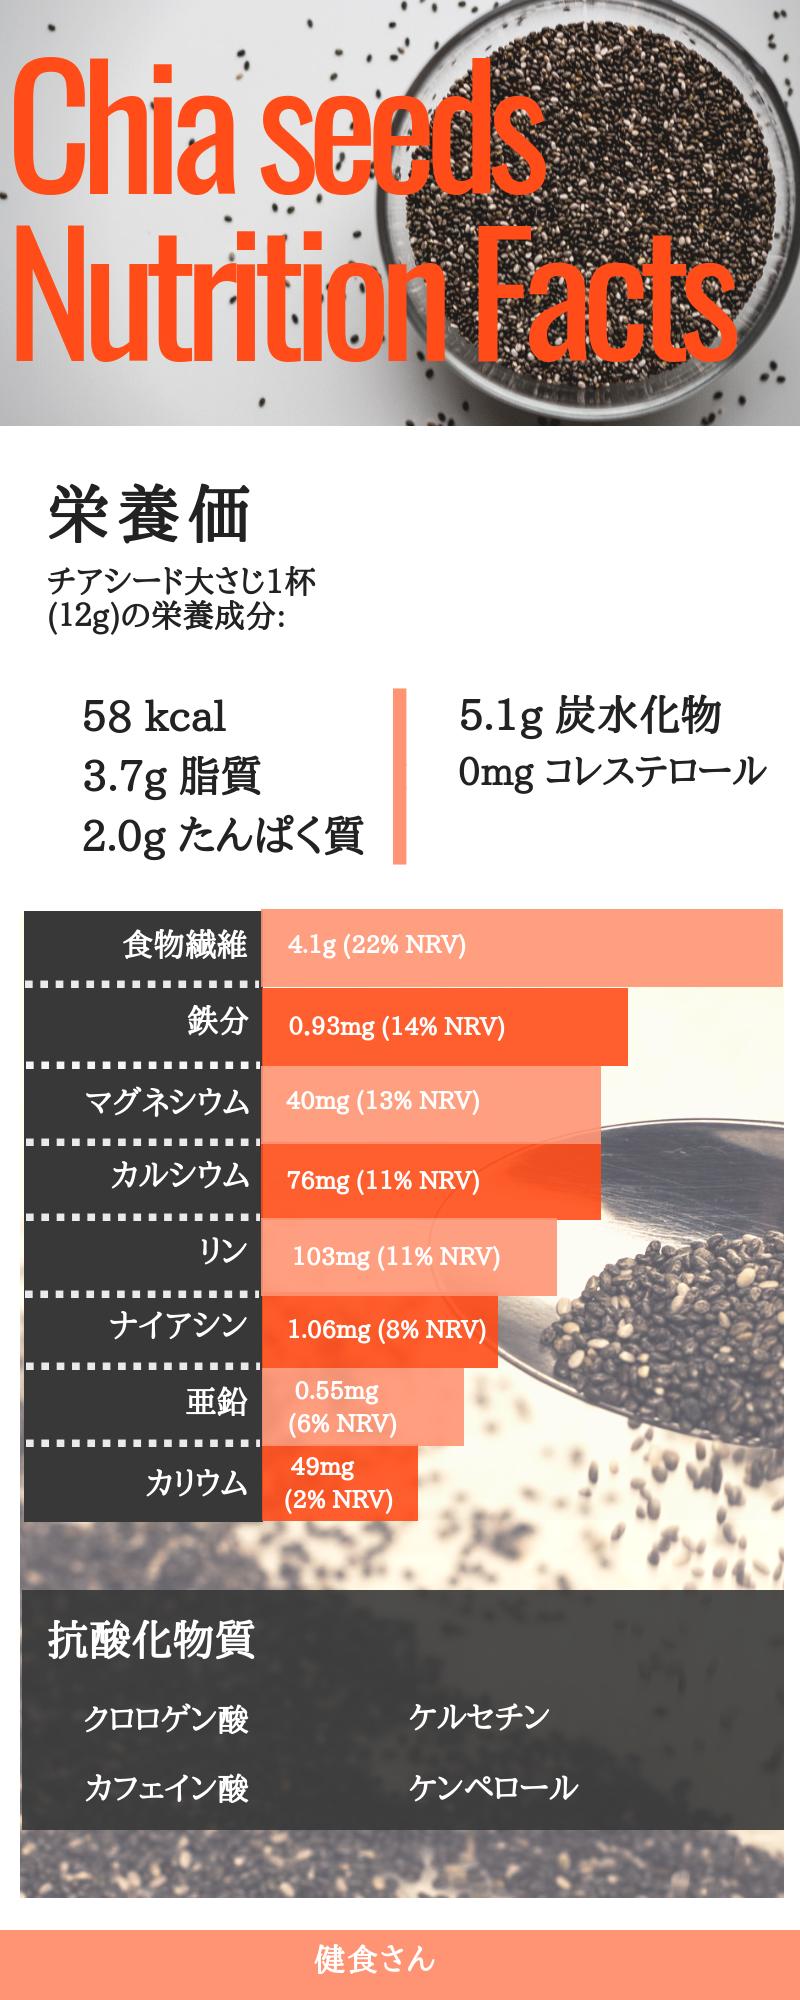 チアシードの栄養価:チアシード大さじ1杯(12g)あたり、エネルギーは54kcal、脂質は3.7g、たんぱく質は2.0g、炭水化物は5.1g、食物繊維は4.1g、鉄分は0.93mg、マグネシウムは40mg、カルシウムは76mg、リンは103mg、ナイアシンは1.06mg、亜鉛は0.55mg、カリウムは49mg、コレステロールは0mg含まれている。その他に、抗酸化物質のクロロゲン酸、カフェイン酸、ケルセチン、ケンペロールなどの成分も入っている。